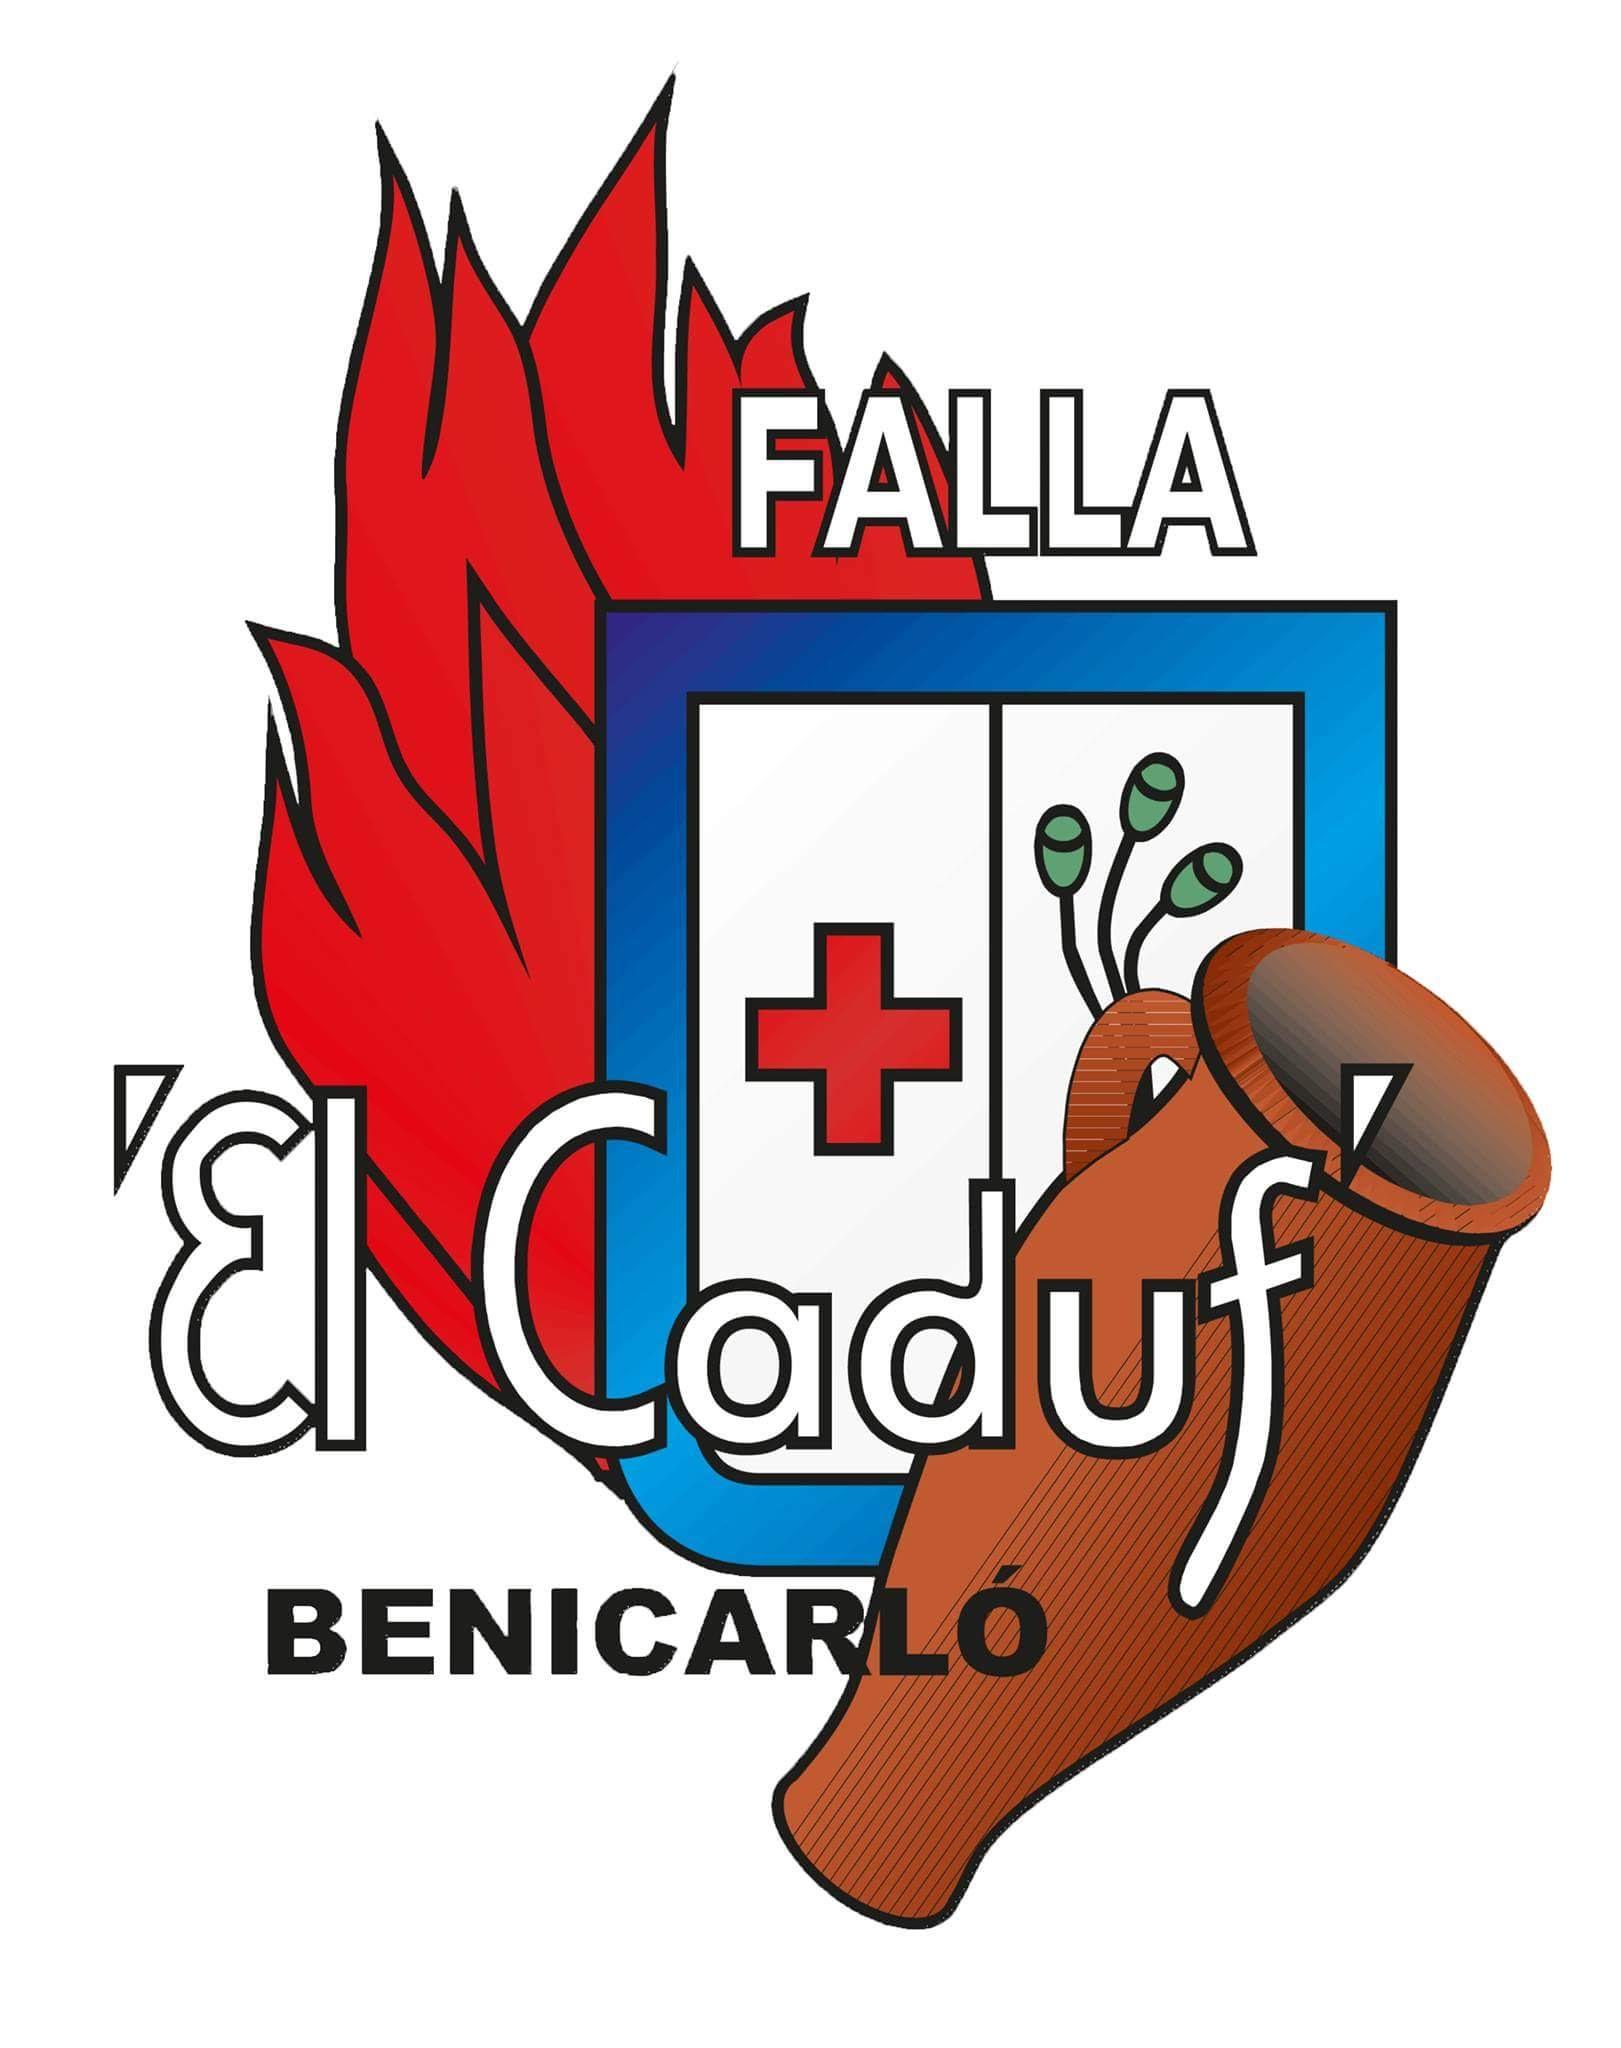 Falla El Caduf